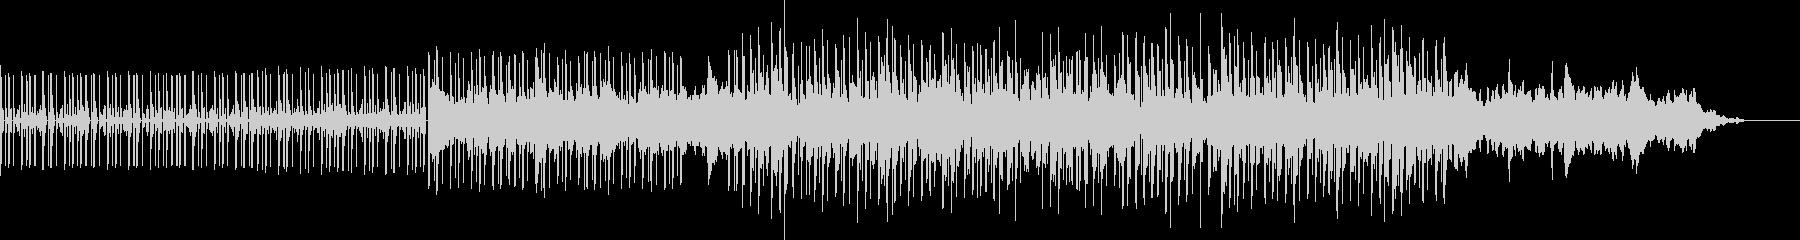 ギターが入ったDNBbeatsの未再生の波形